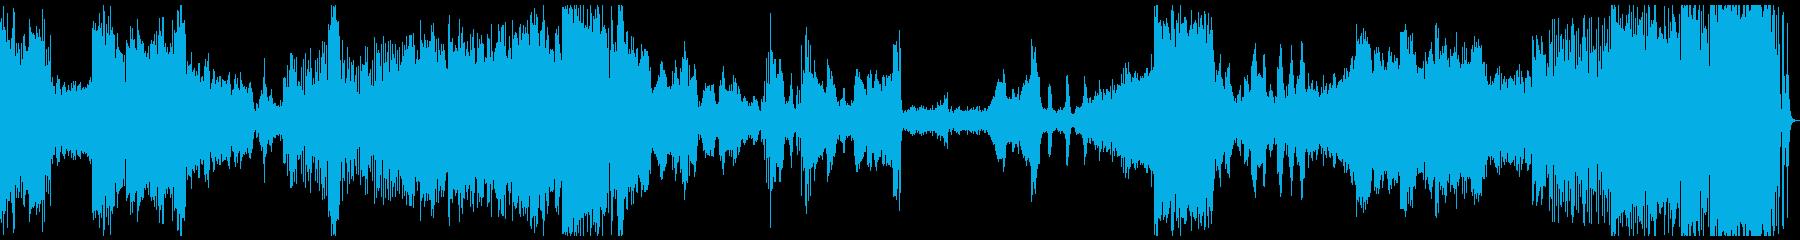 定番クラシック入学卒業マイスタージンガーの再生済みの波形